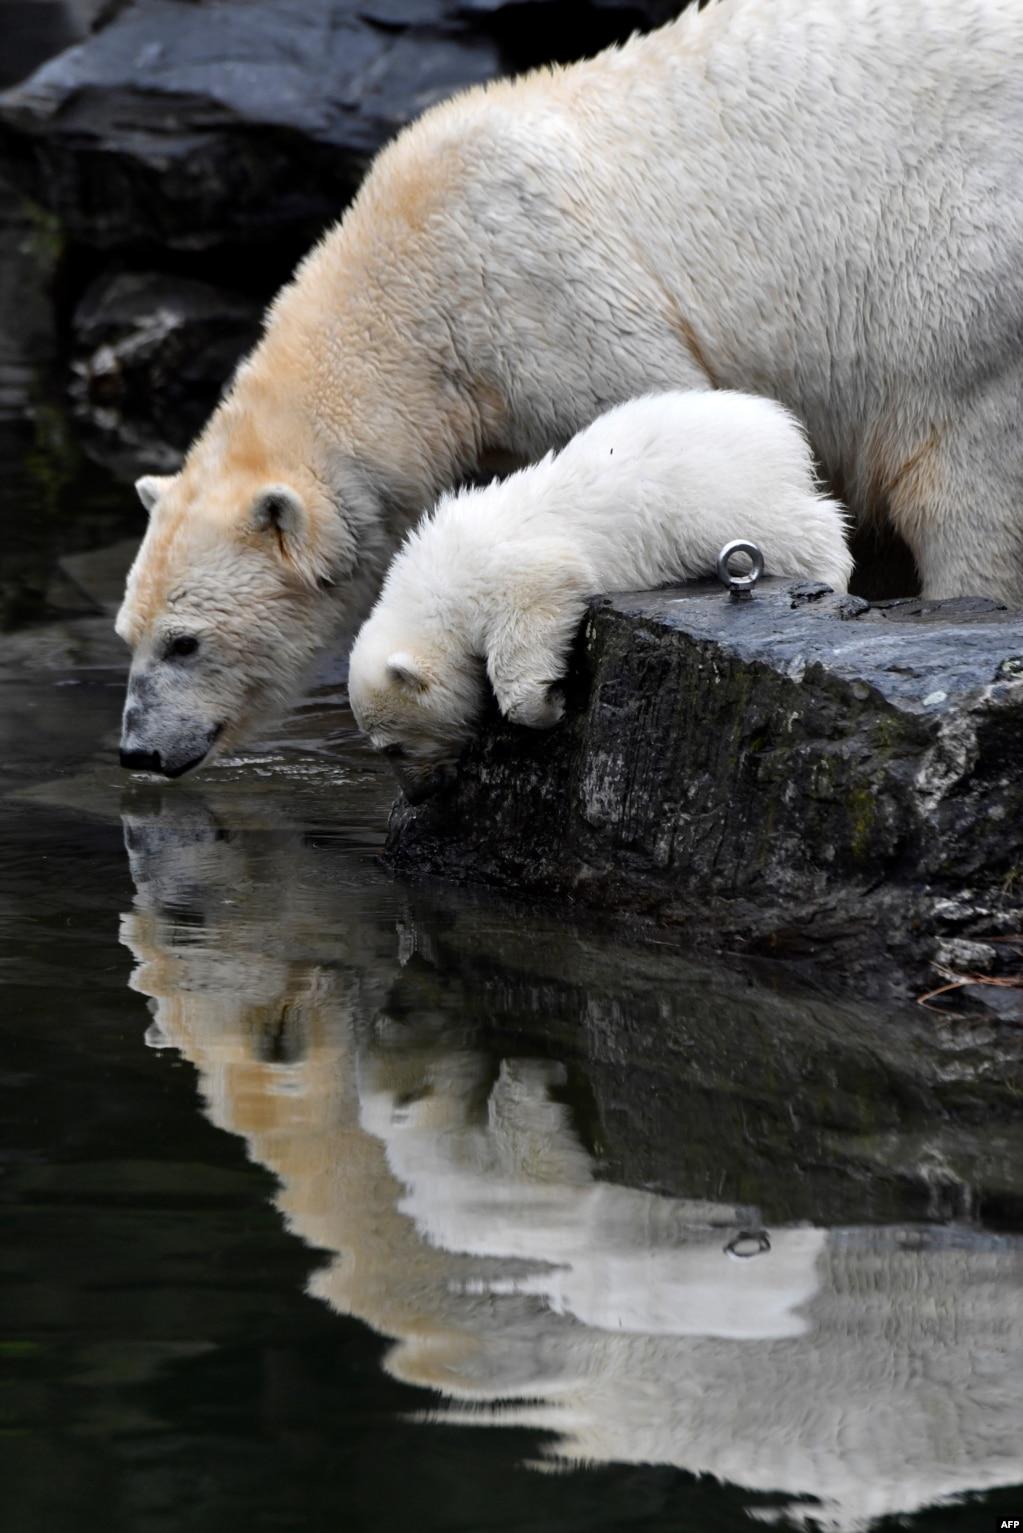 독일 베를린의 동몰원에서 어미곰과 새끼가 물을 마시고 있다.